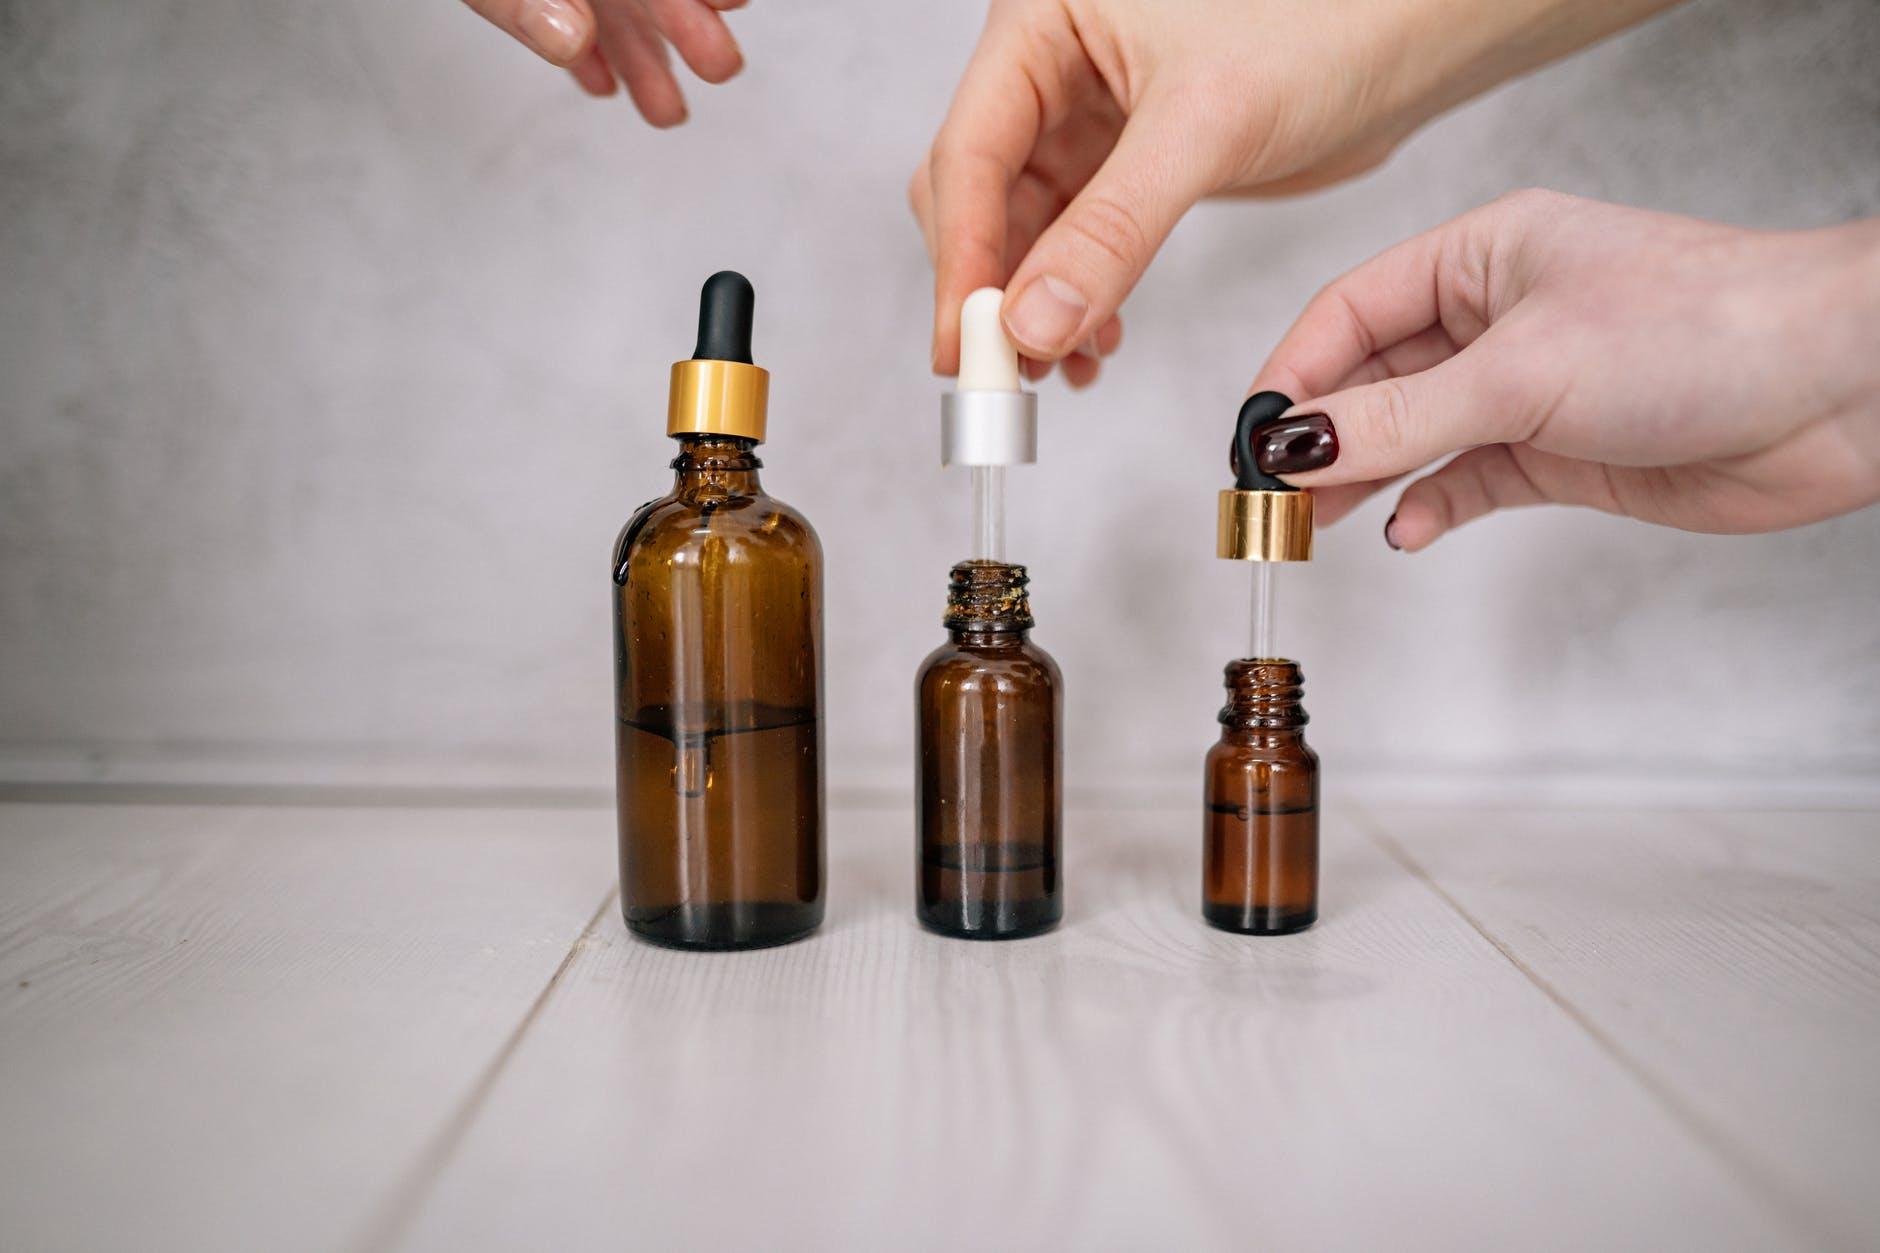 Esențe puternice în sticluțe mici: uleiuri esențiale. Fac minuni pentru sănătate!